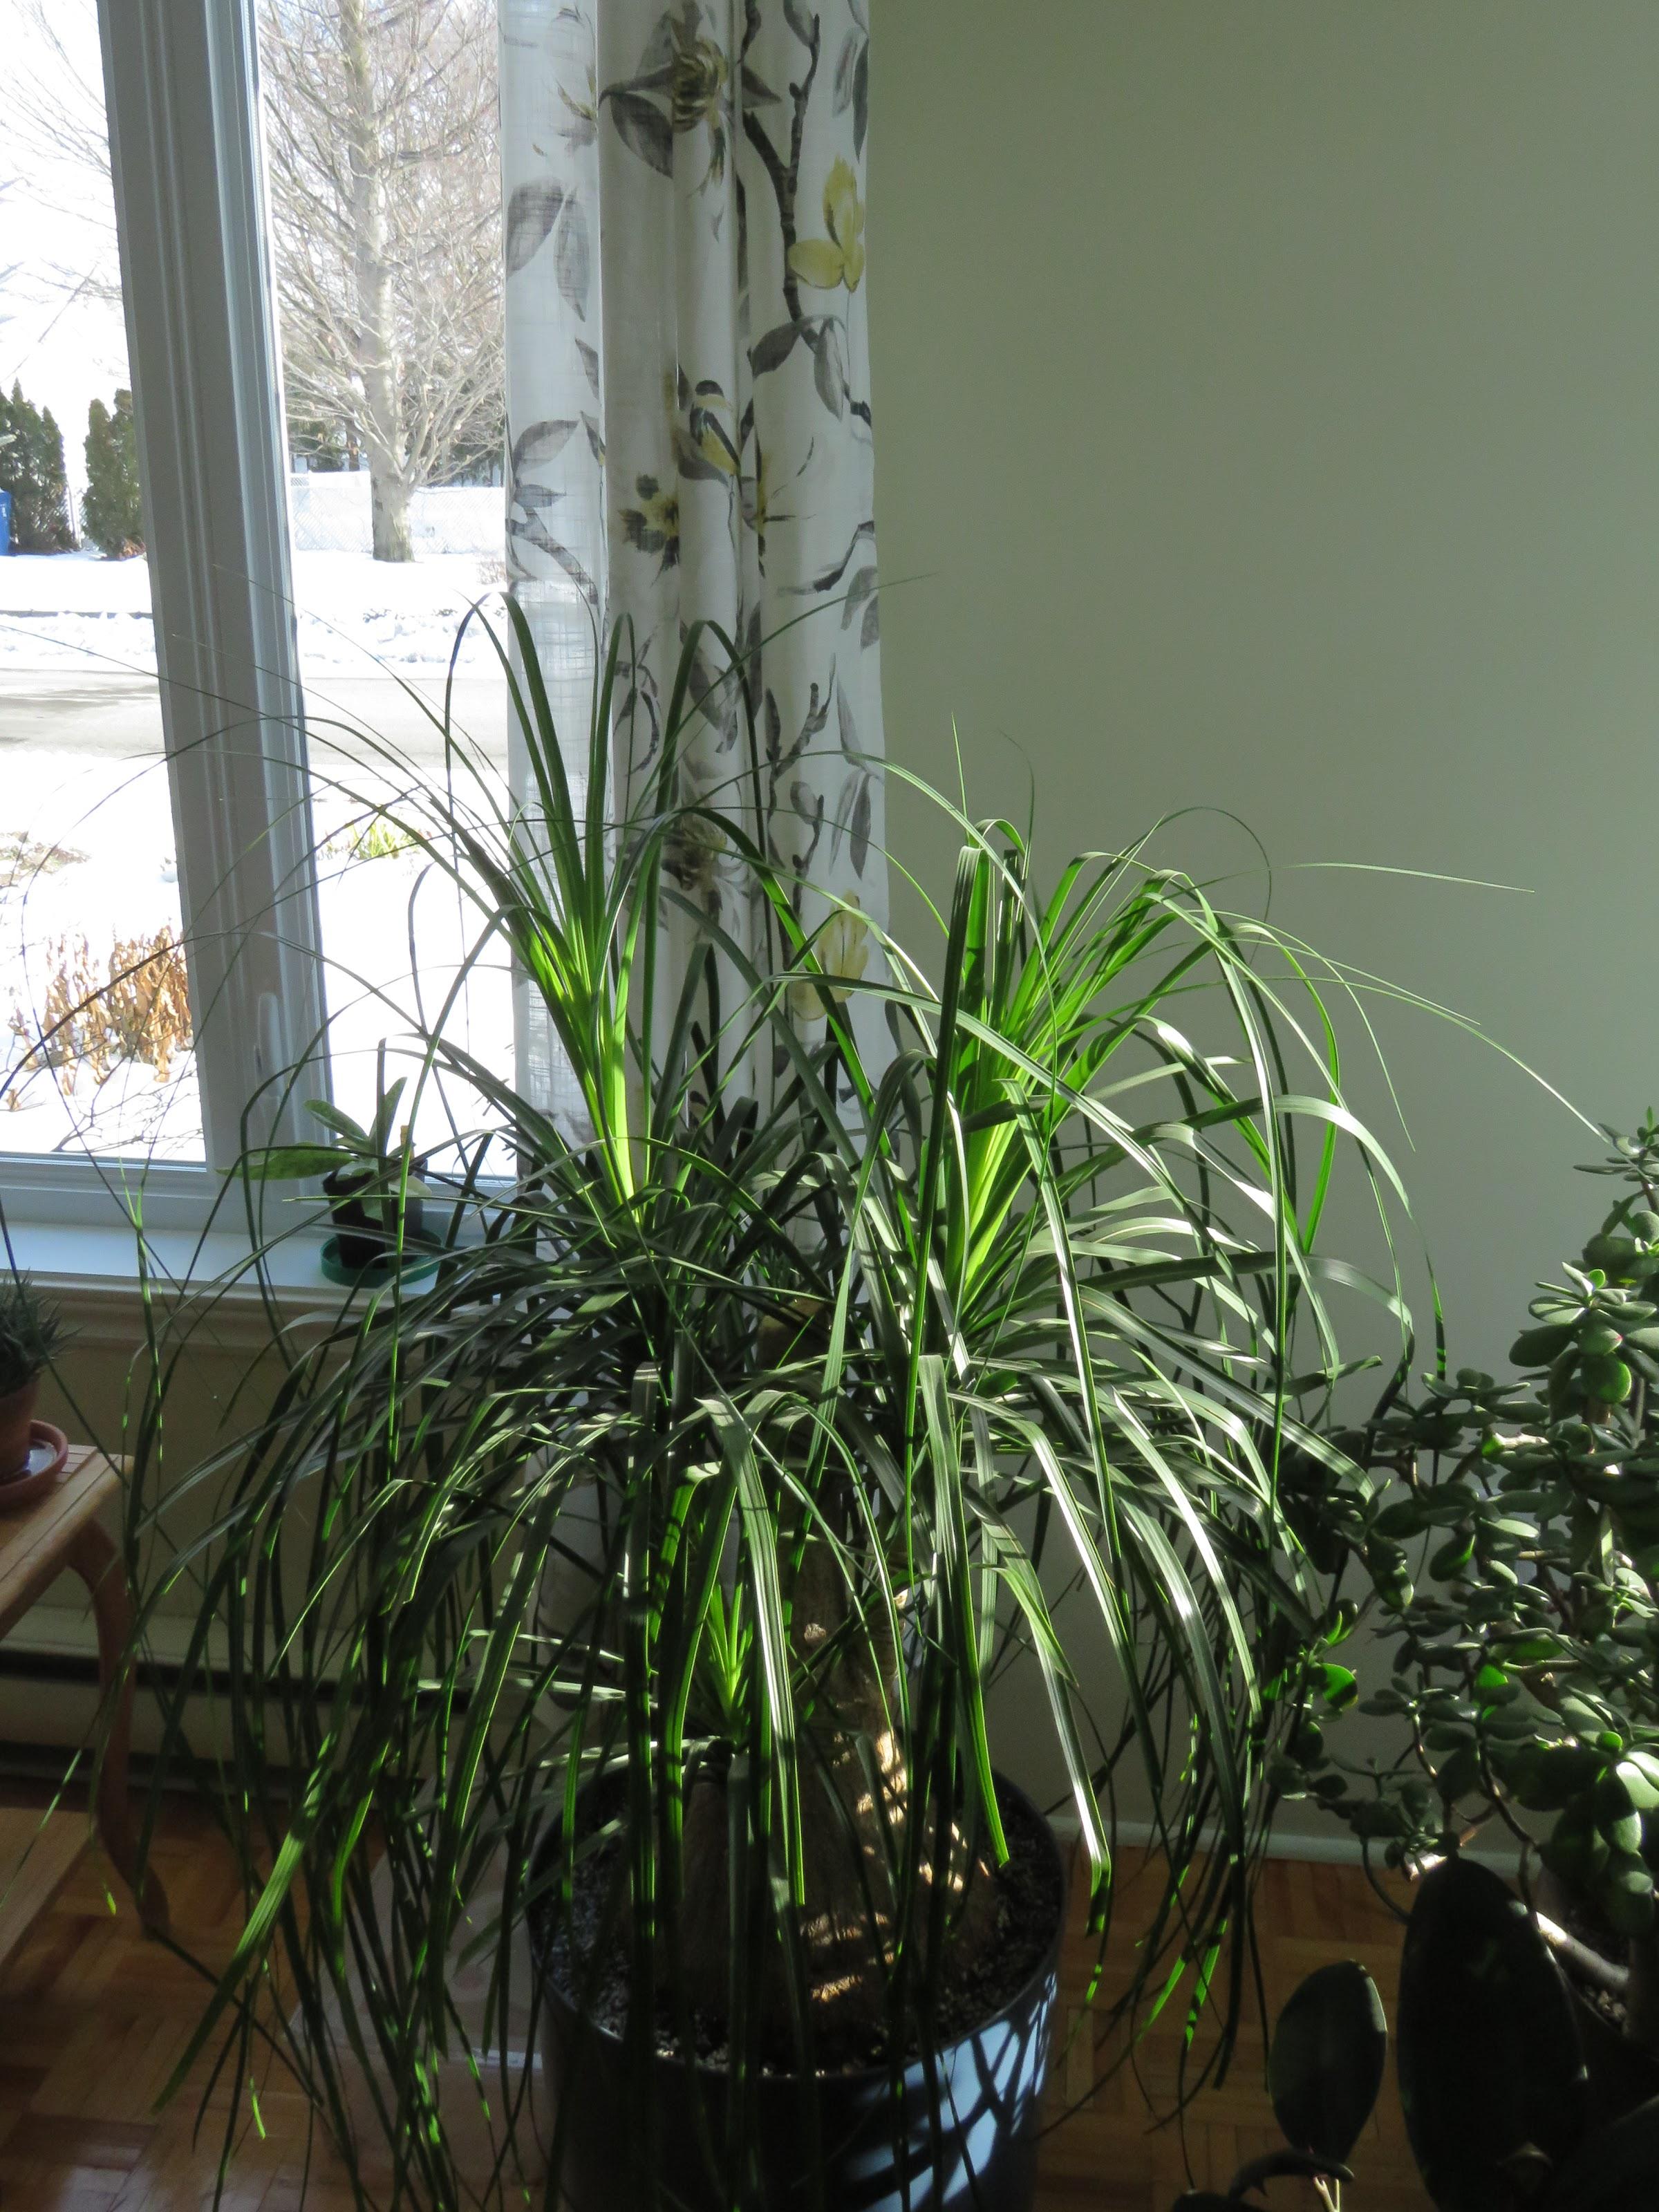 Autres plantes chez Grigri ZiF0_JCfwwrslEv-QgIF6ybczAckpgZdrl24Vier-rcsMoYtSS7JNP4Hc_9rlMEx0dkO_hb8E6ynH-EVFbr7vyH2uxRzGOOo9gzYO0buO7MrQ4_z-fv6TahGIyJODjzXCUctzKpAMYw=w2400